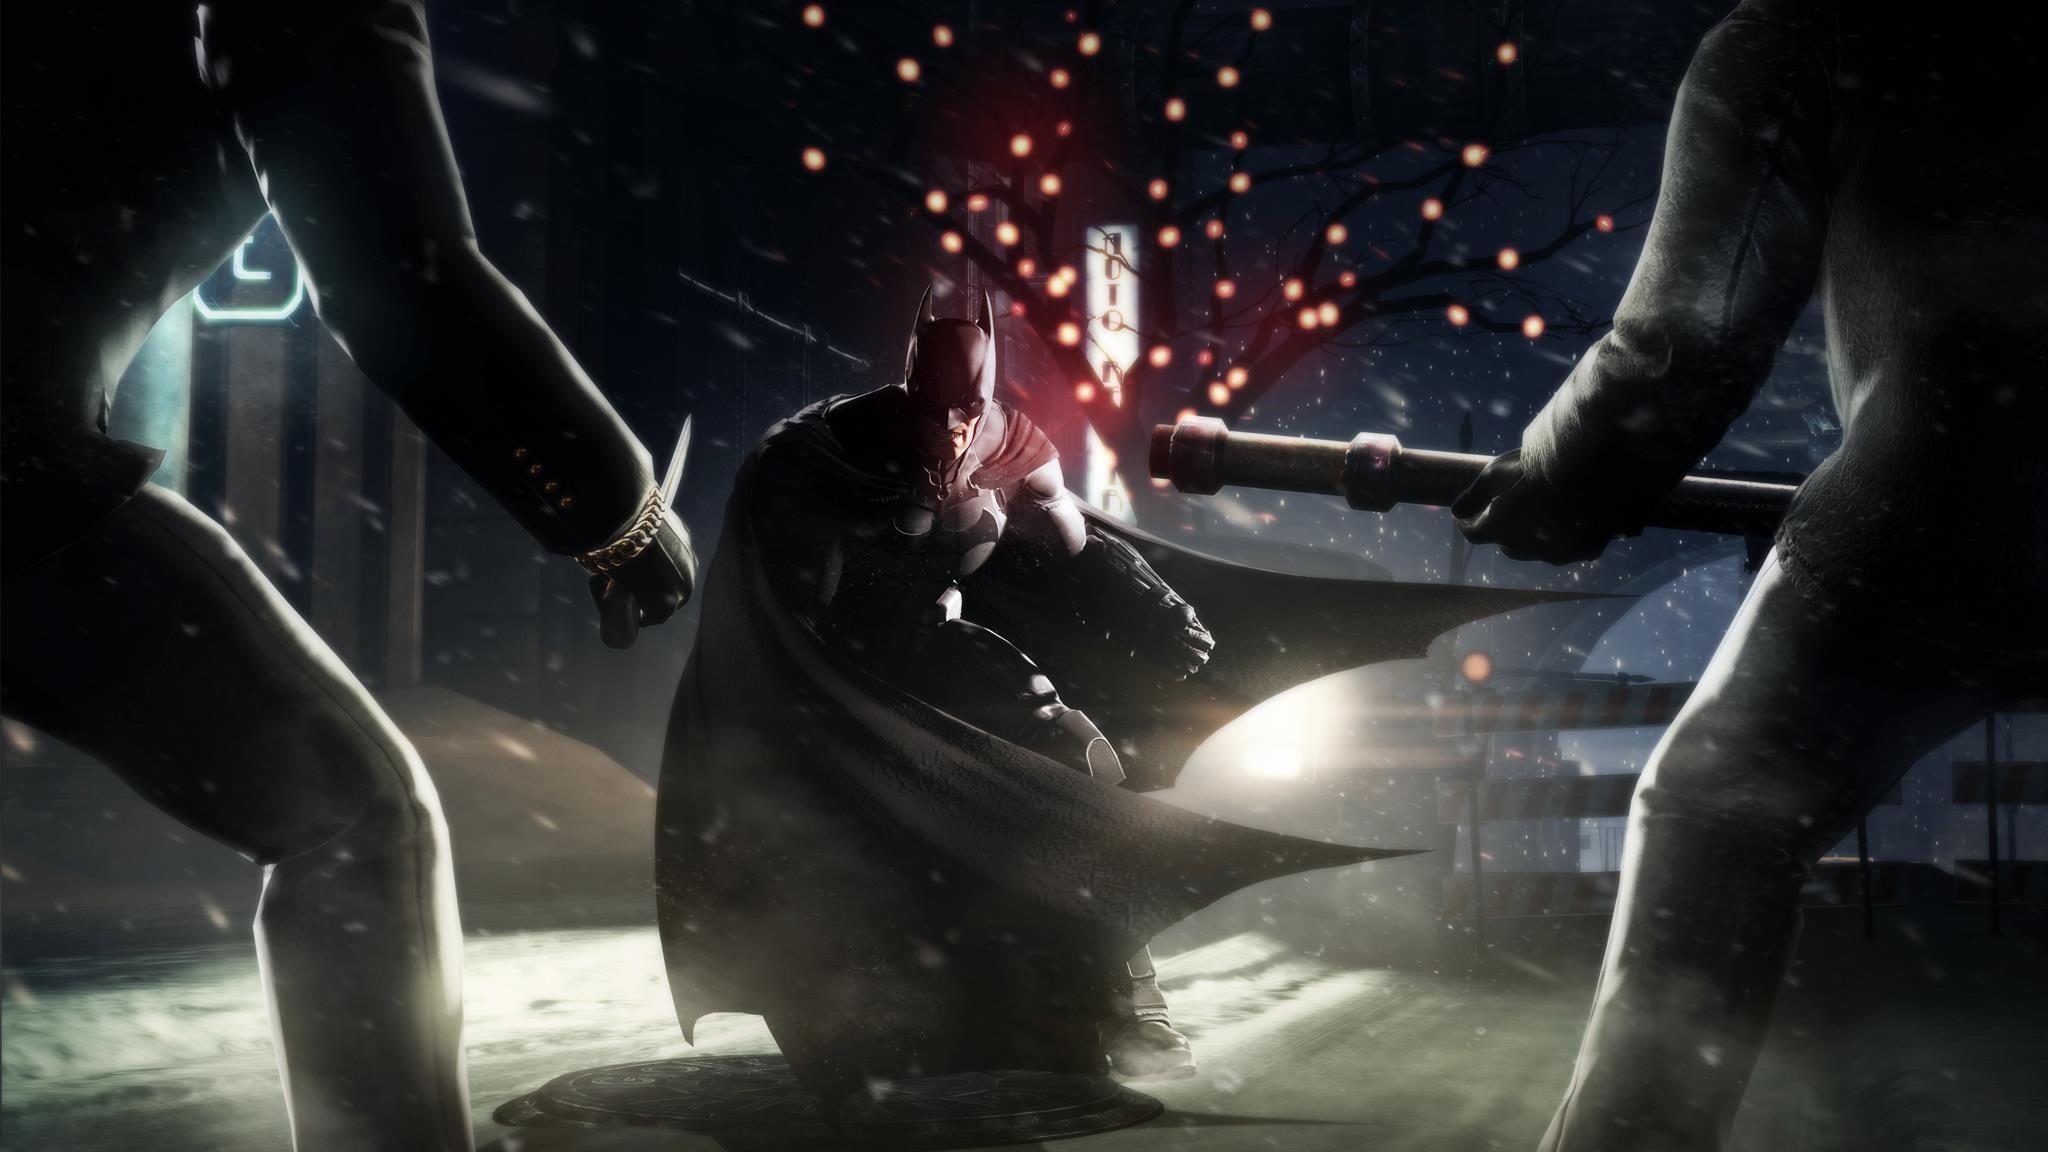 Res: 2048x1152, Batman Arkham Origins Concept Art Wallpaper HD